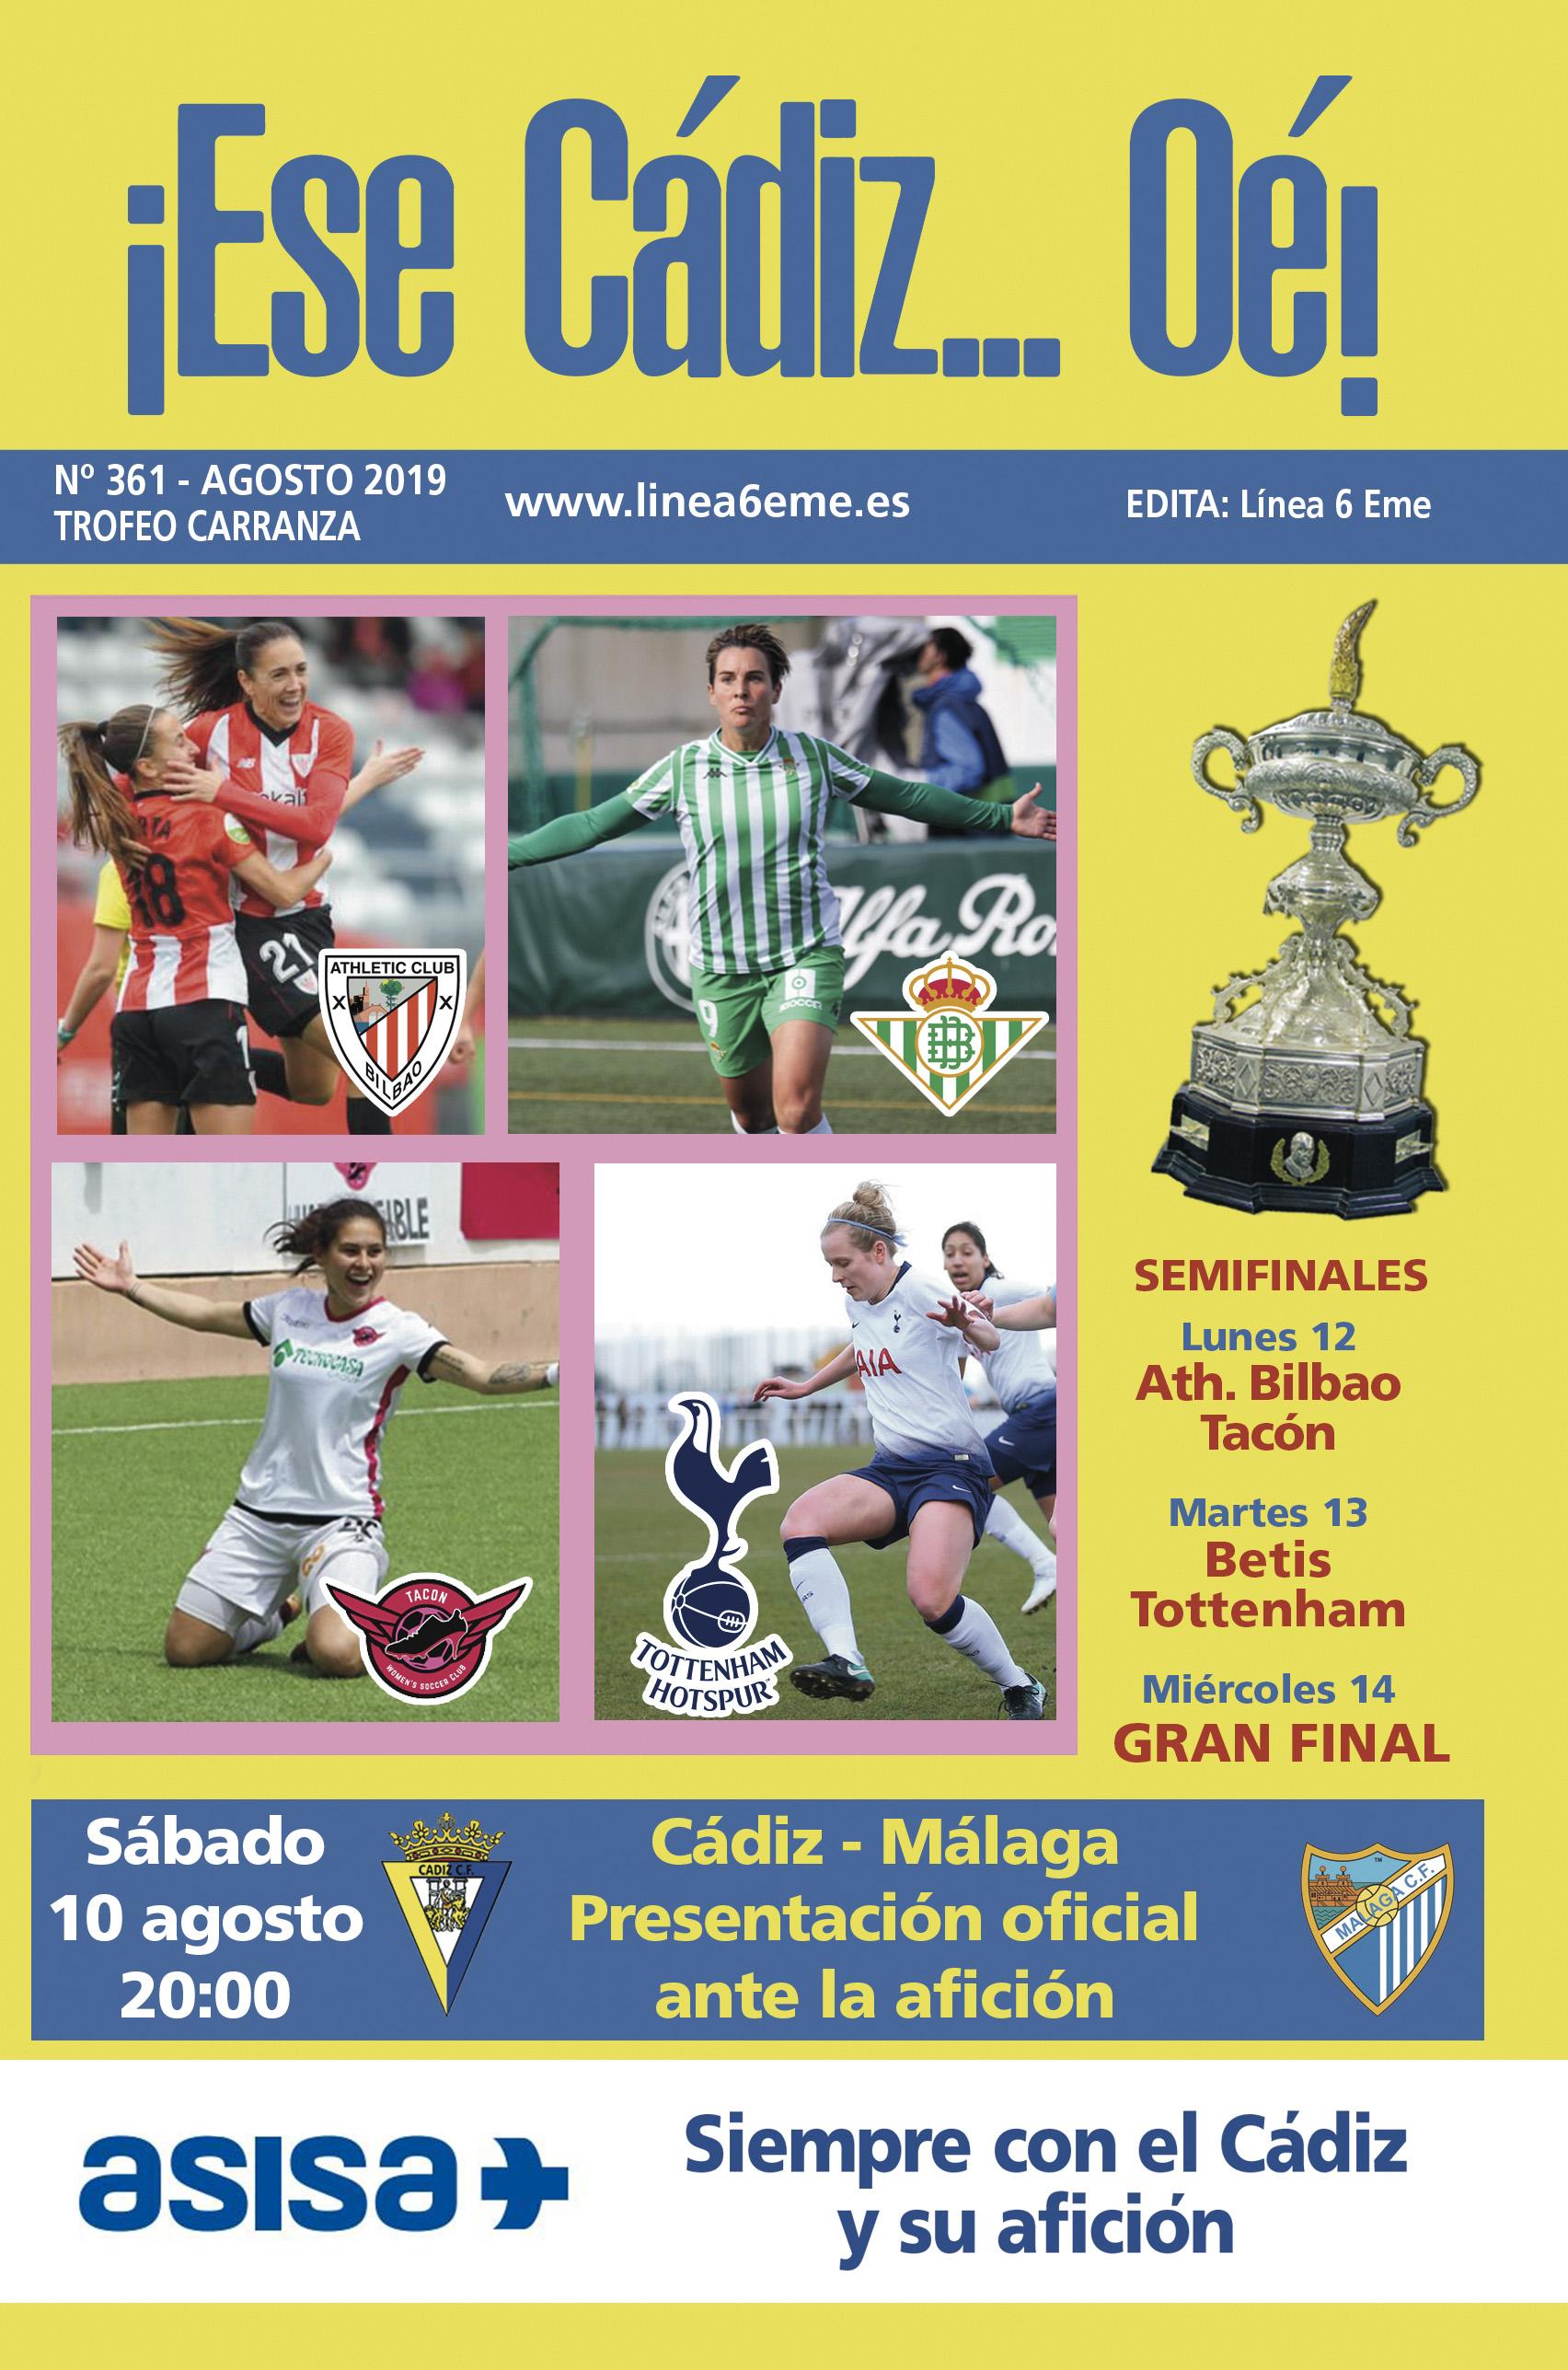 ¡Ese Cádiz…Oé! núm. 361 Trofeo Carranza